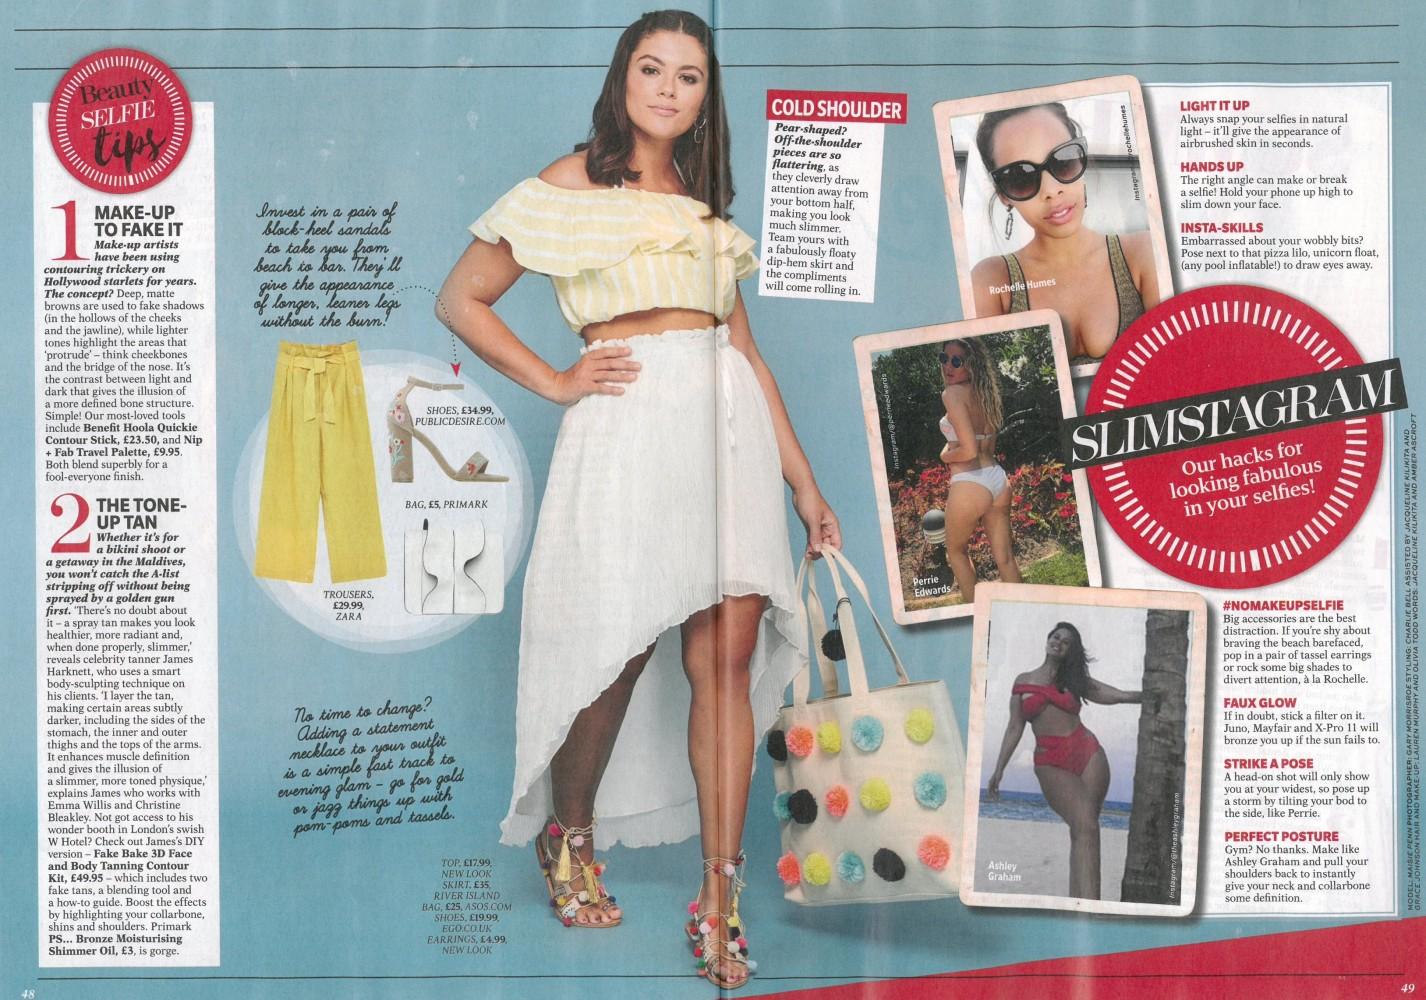 plus-size-model-Maisie-fashion-shoot-reveal-magazine